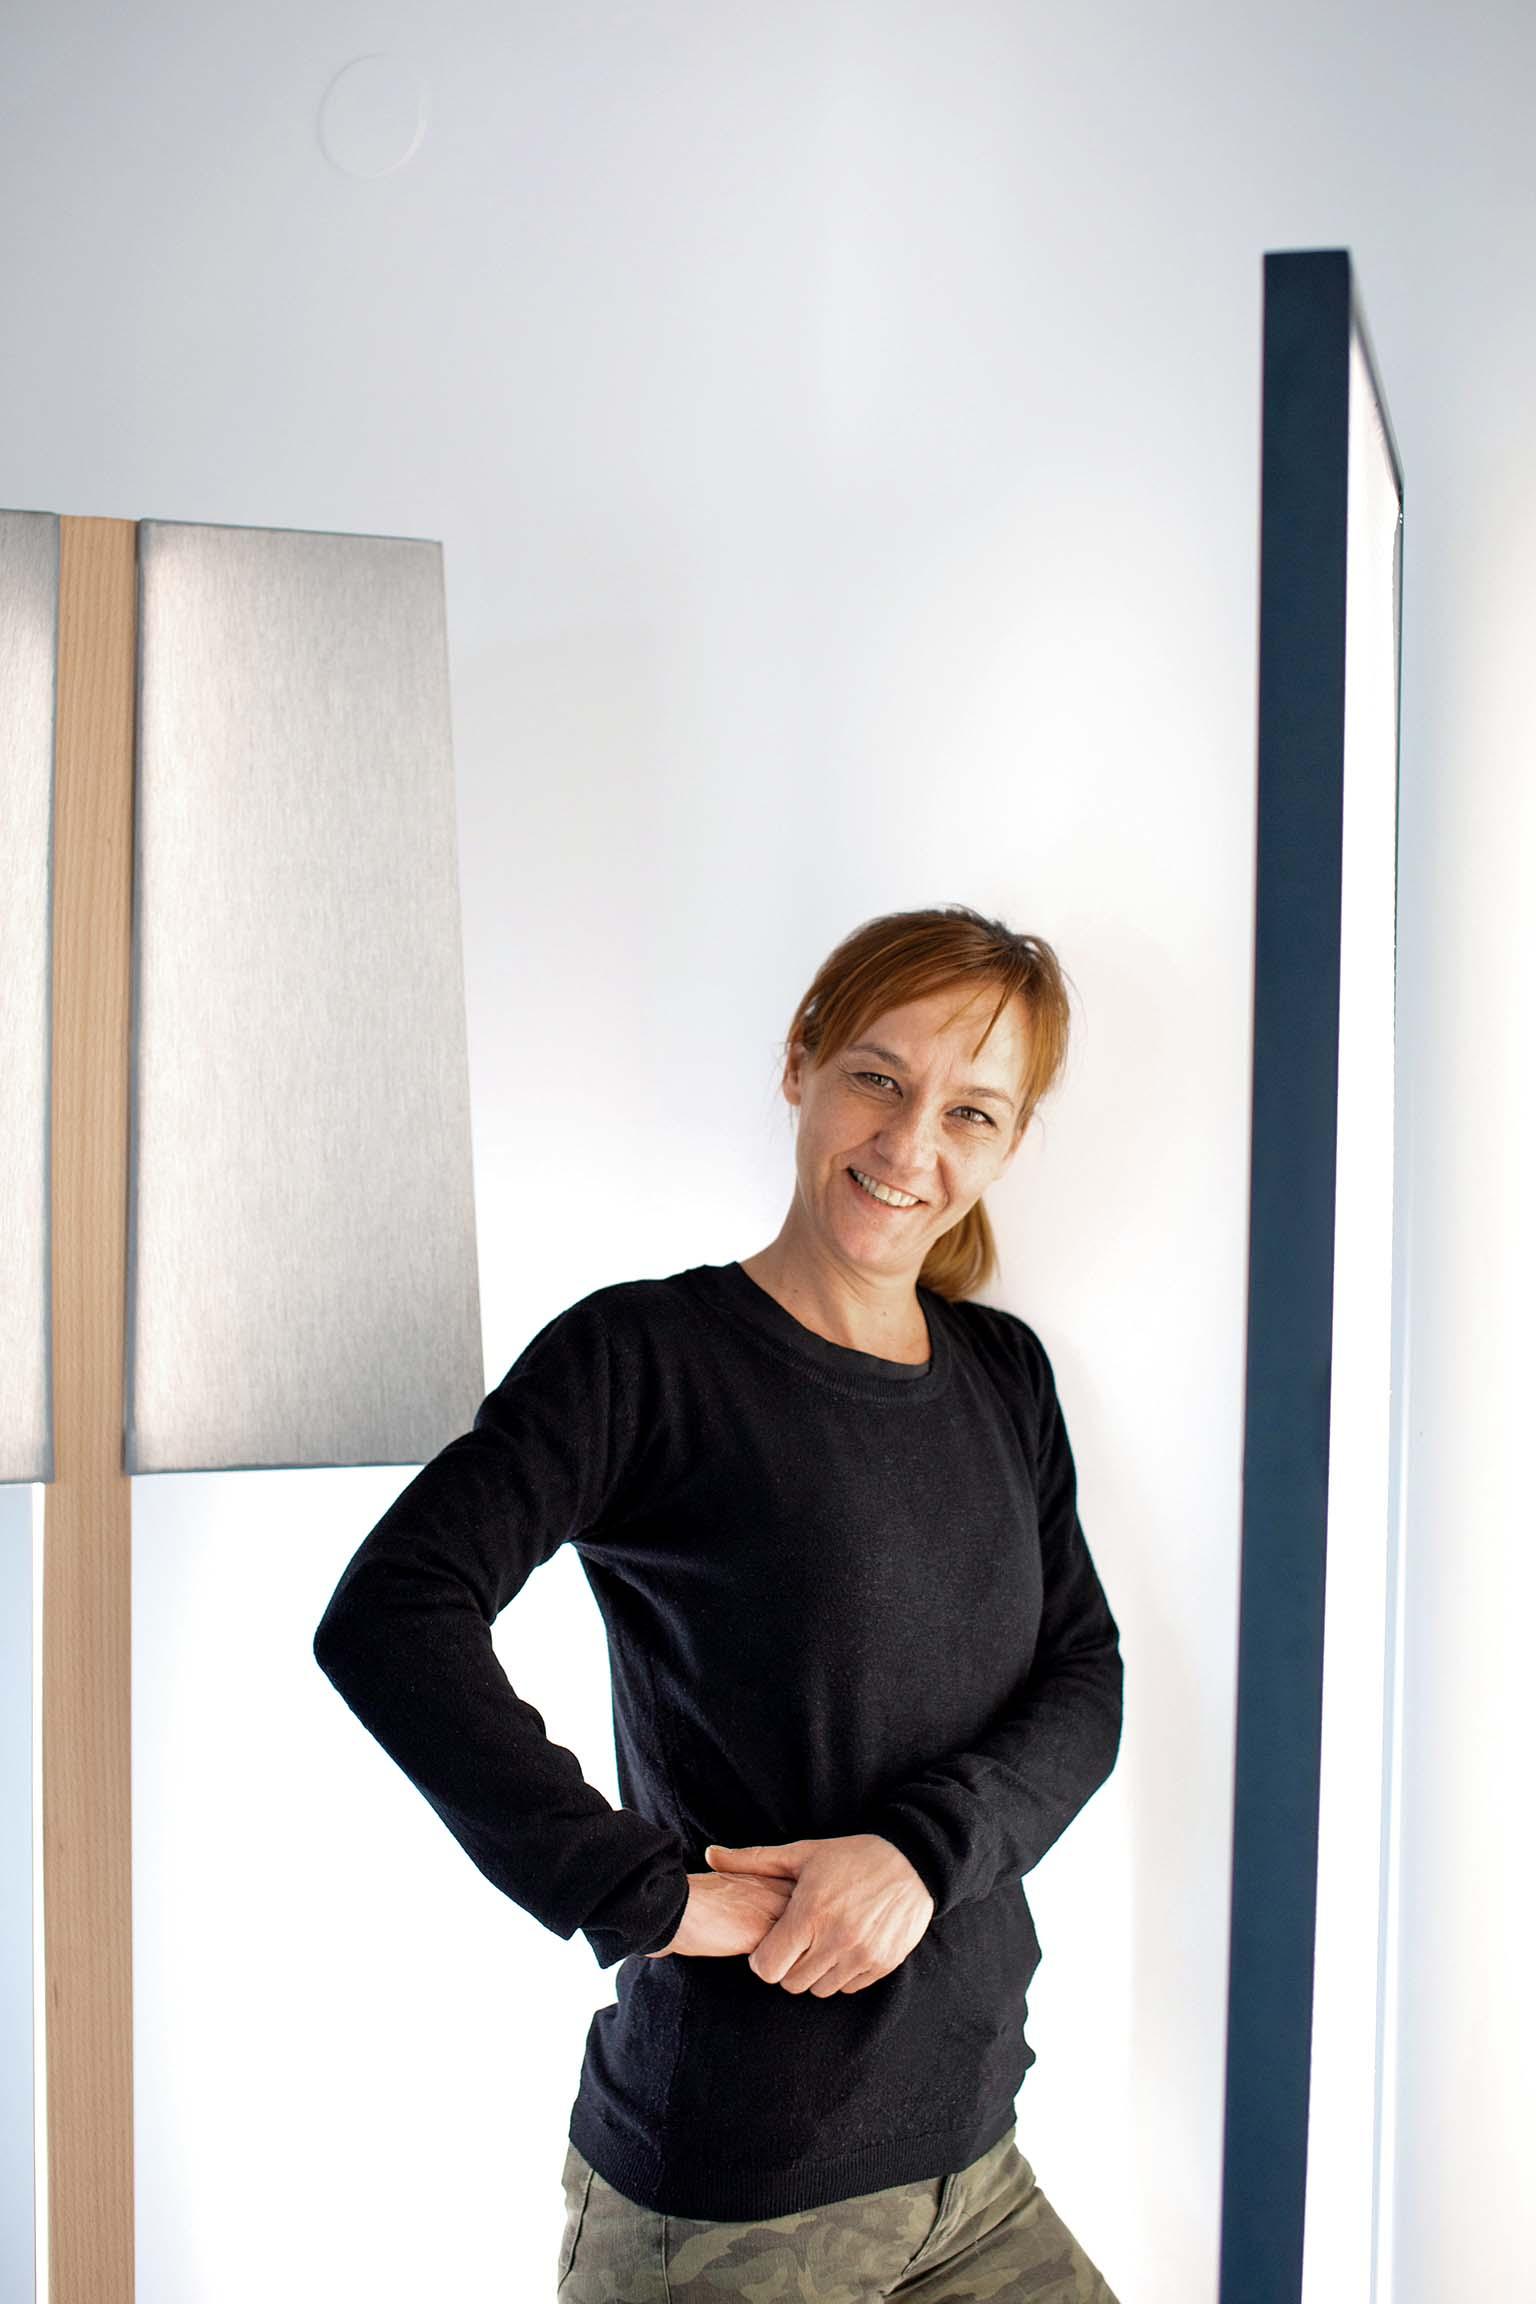 Blaženka Jurčić se nakon 16 godina u Italiji vratila u Gospić i osnovala tvrtku Lika svjetlo